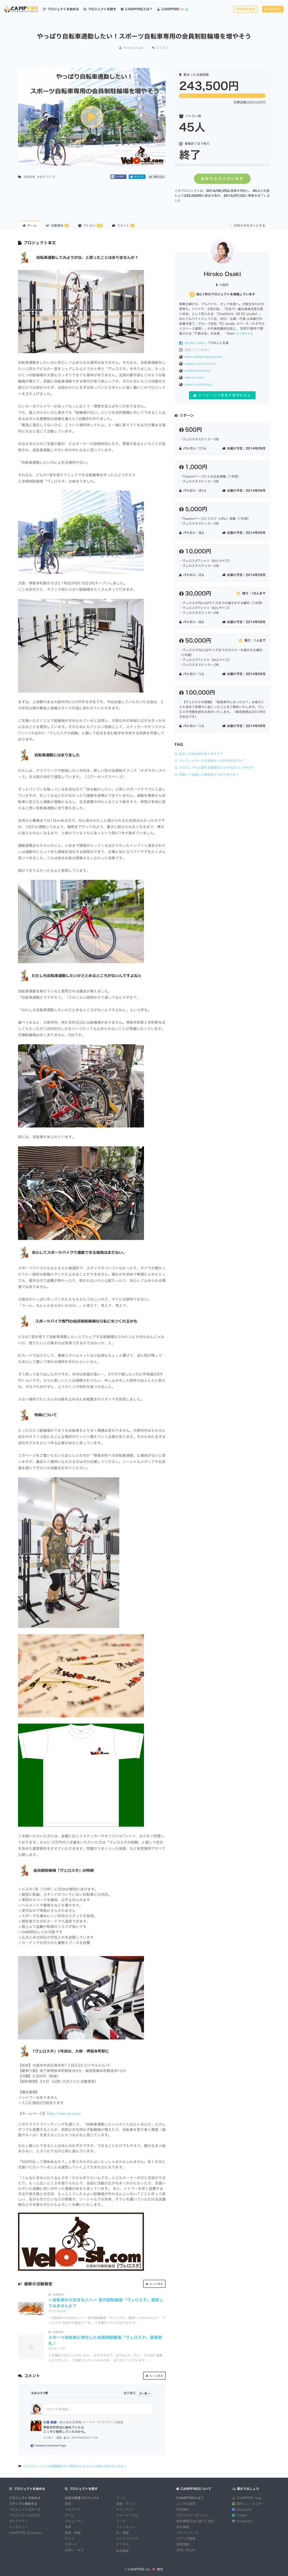 やっぱり自転車通勤したい!スポーツ自転車専用の会員制駐輪場を増やそう|CAMPFIRE